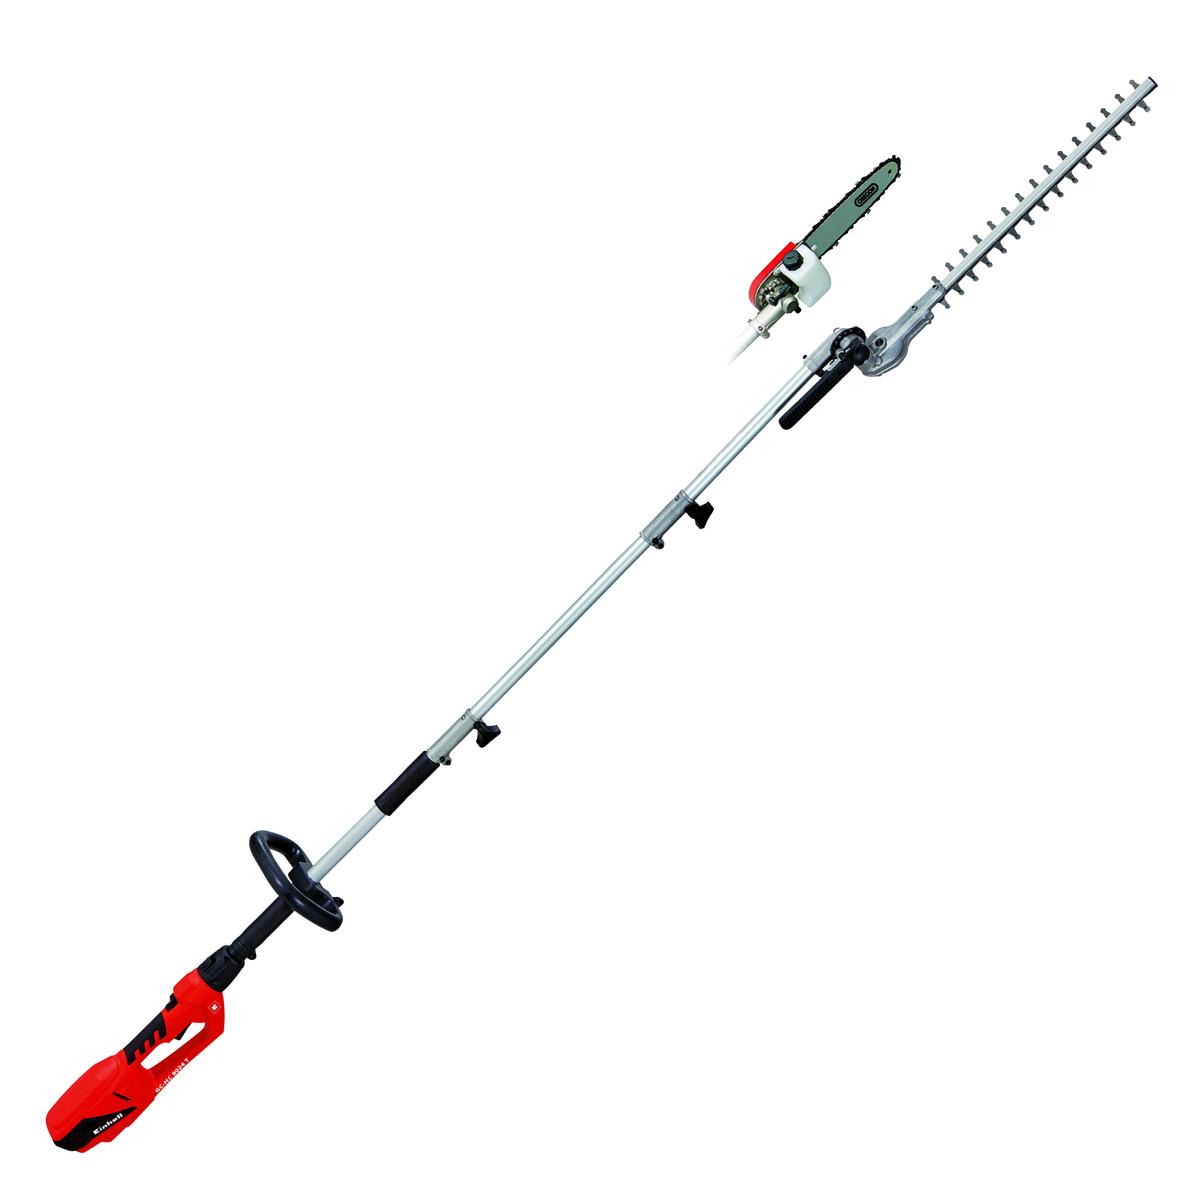 Bild 1 von Einhell Elektro Stab-Heckenschere / -Säge GC-HC 9024 T, Leistung 900 Watt, Schwertlänge Kettensäge 20 cm, Schwertlänge Heckenschere 480 mm, 4501280